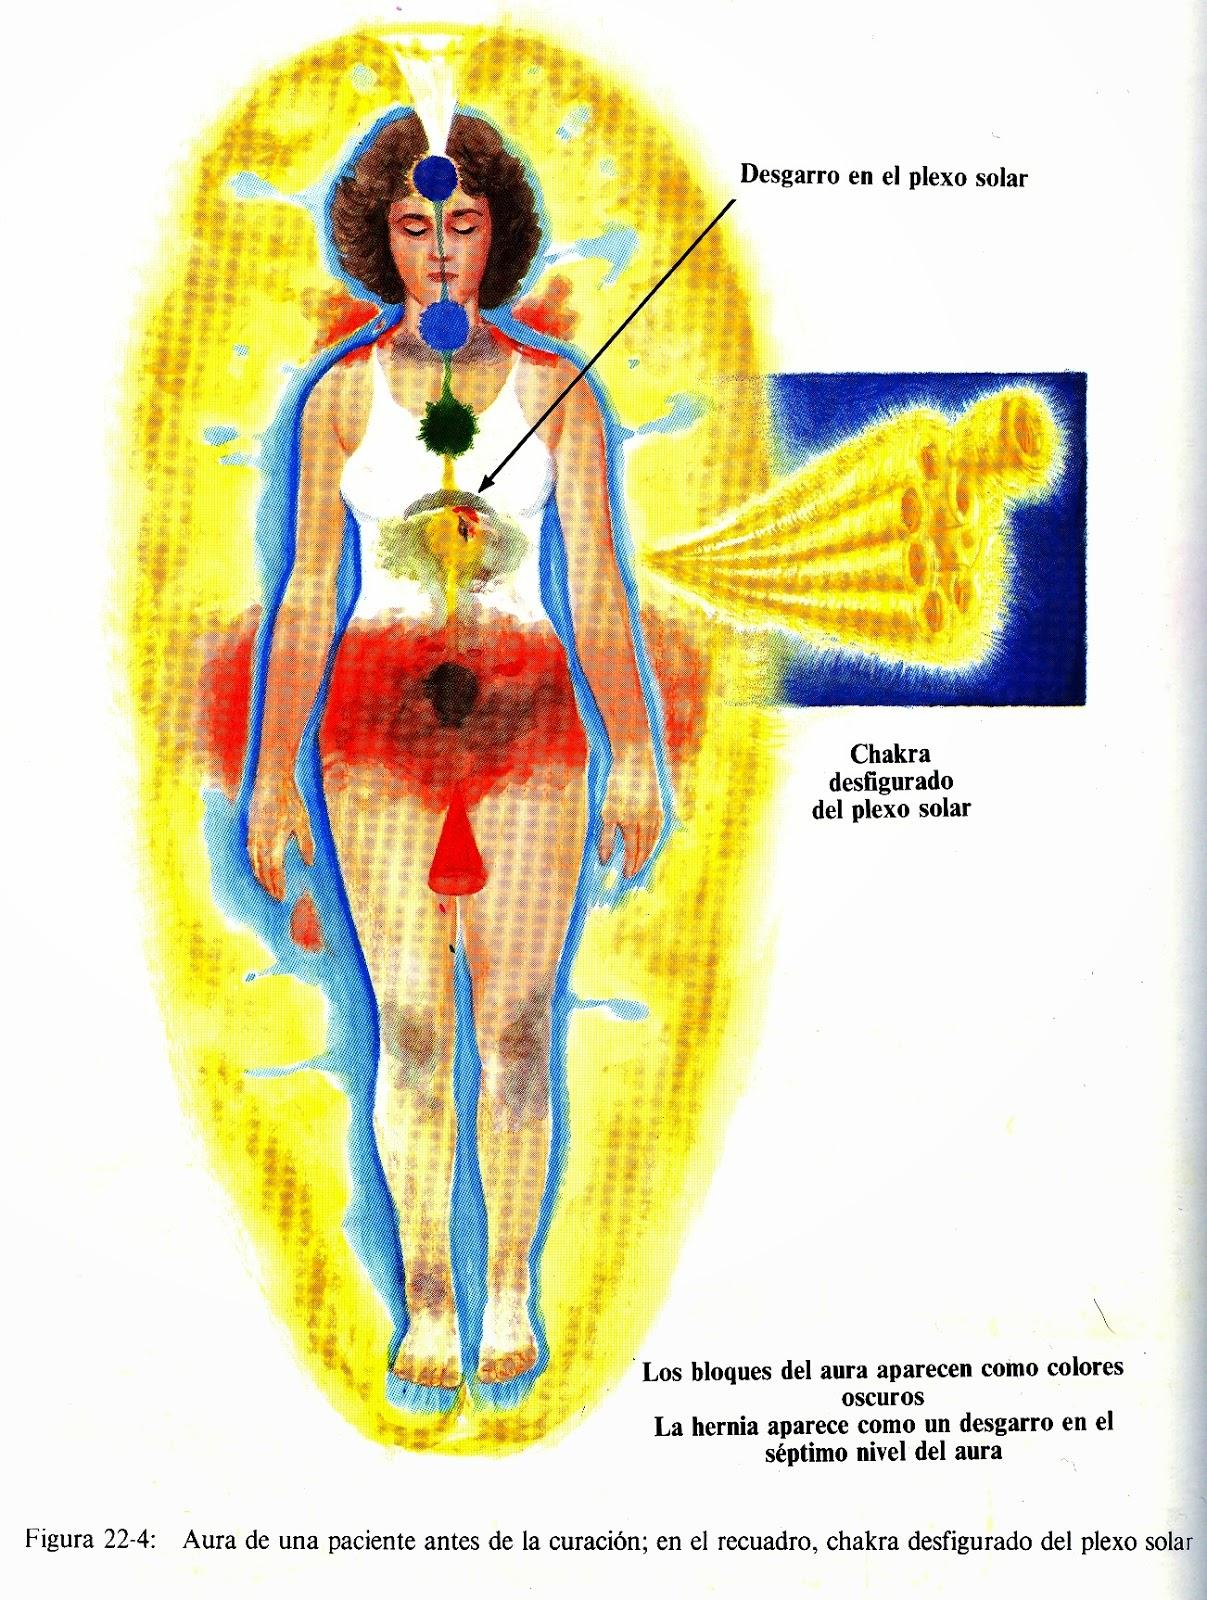 Fig de Barbara Brennan indicando chakra desfigurado del plexo solar